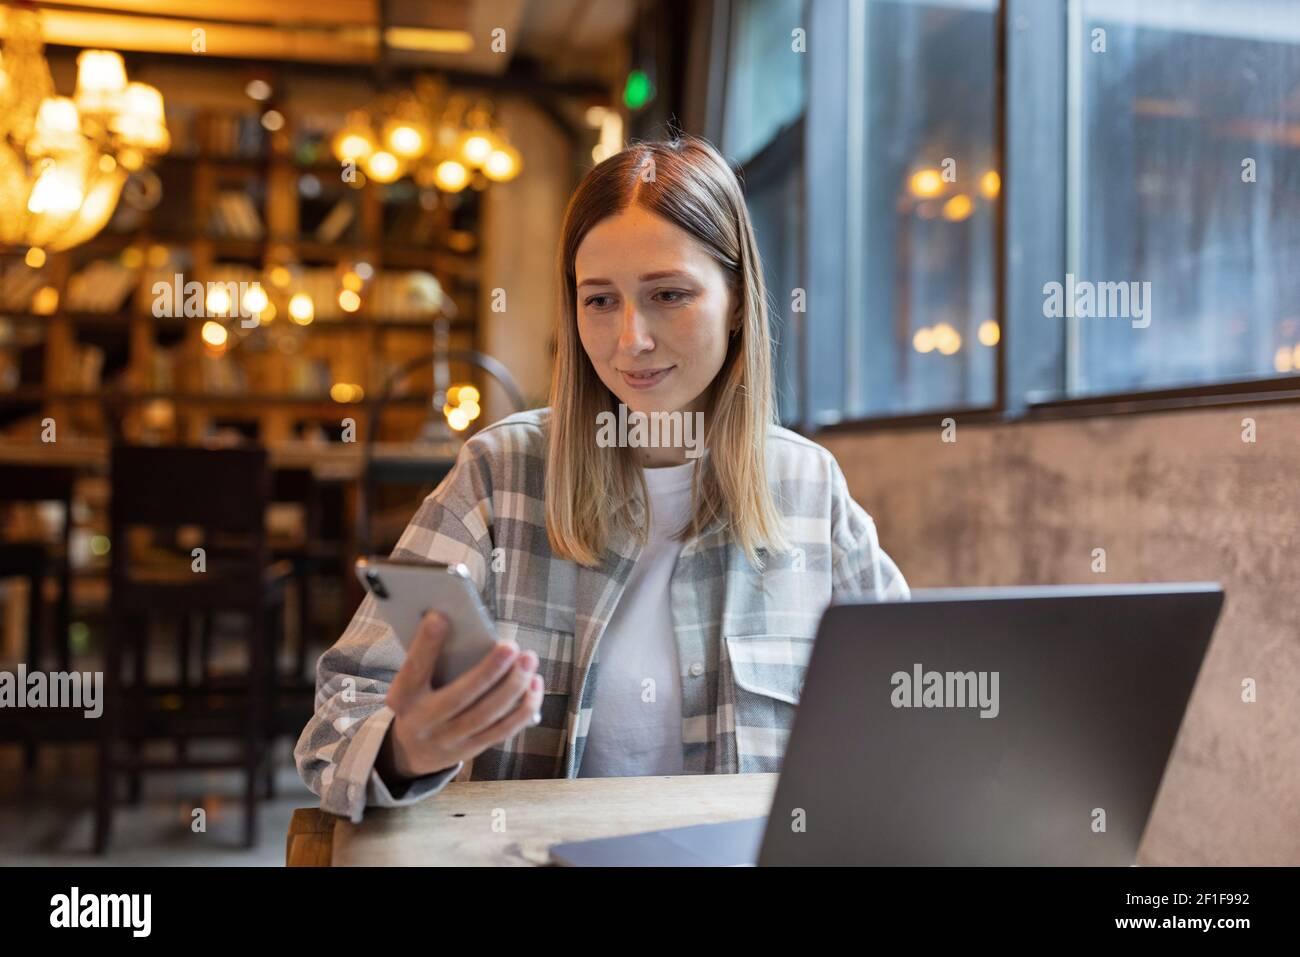 Jeune femme d'affaires caucasienne avec cheveux blonds travaillant sur ordinateur portable dans le café. Étudiant de collège utilisant la technologie , éducation en ligne, freelance Banque D'Images